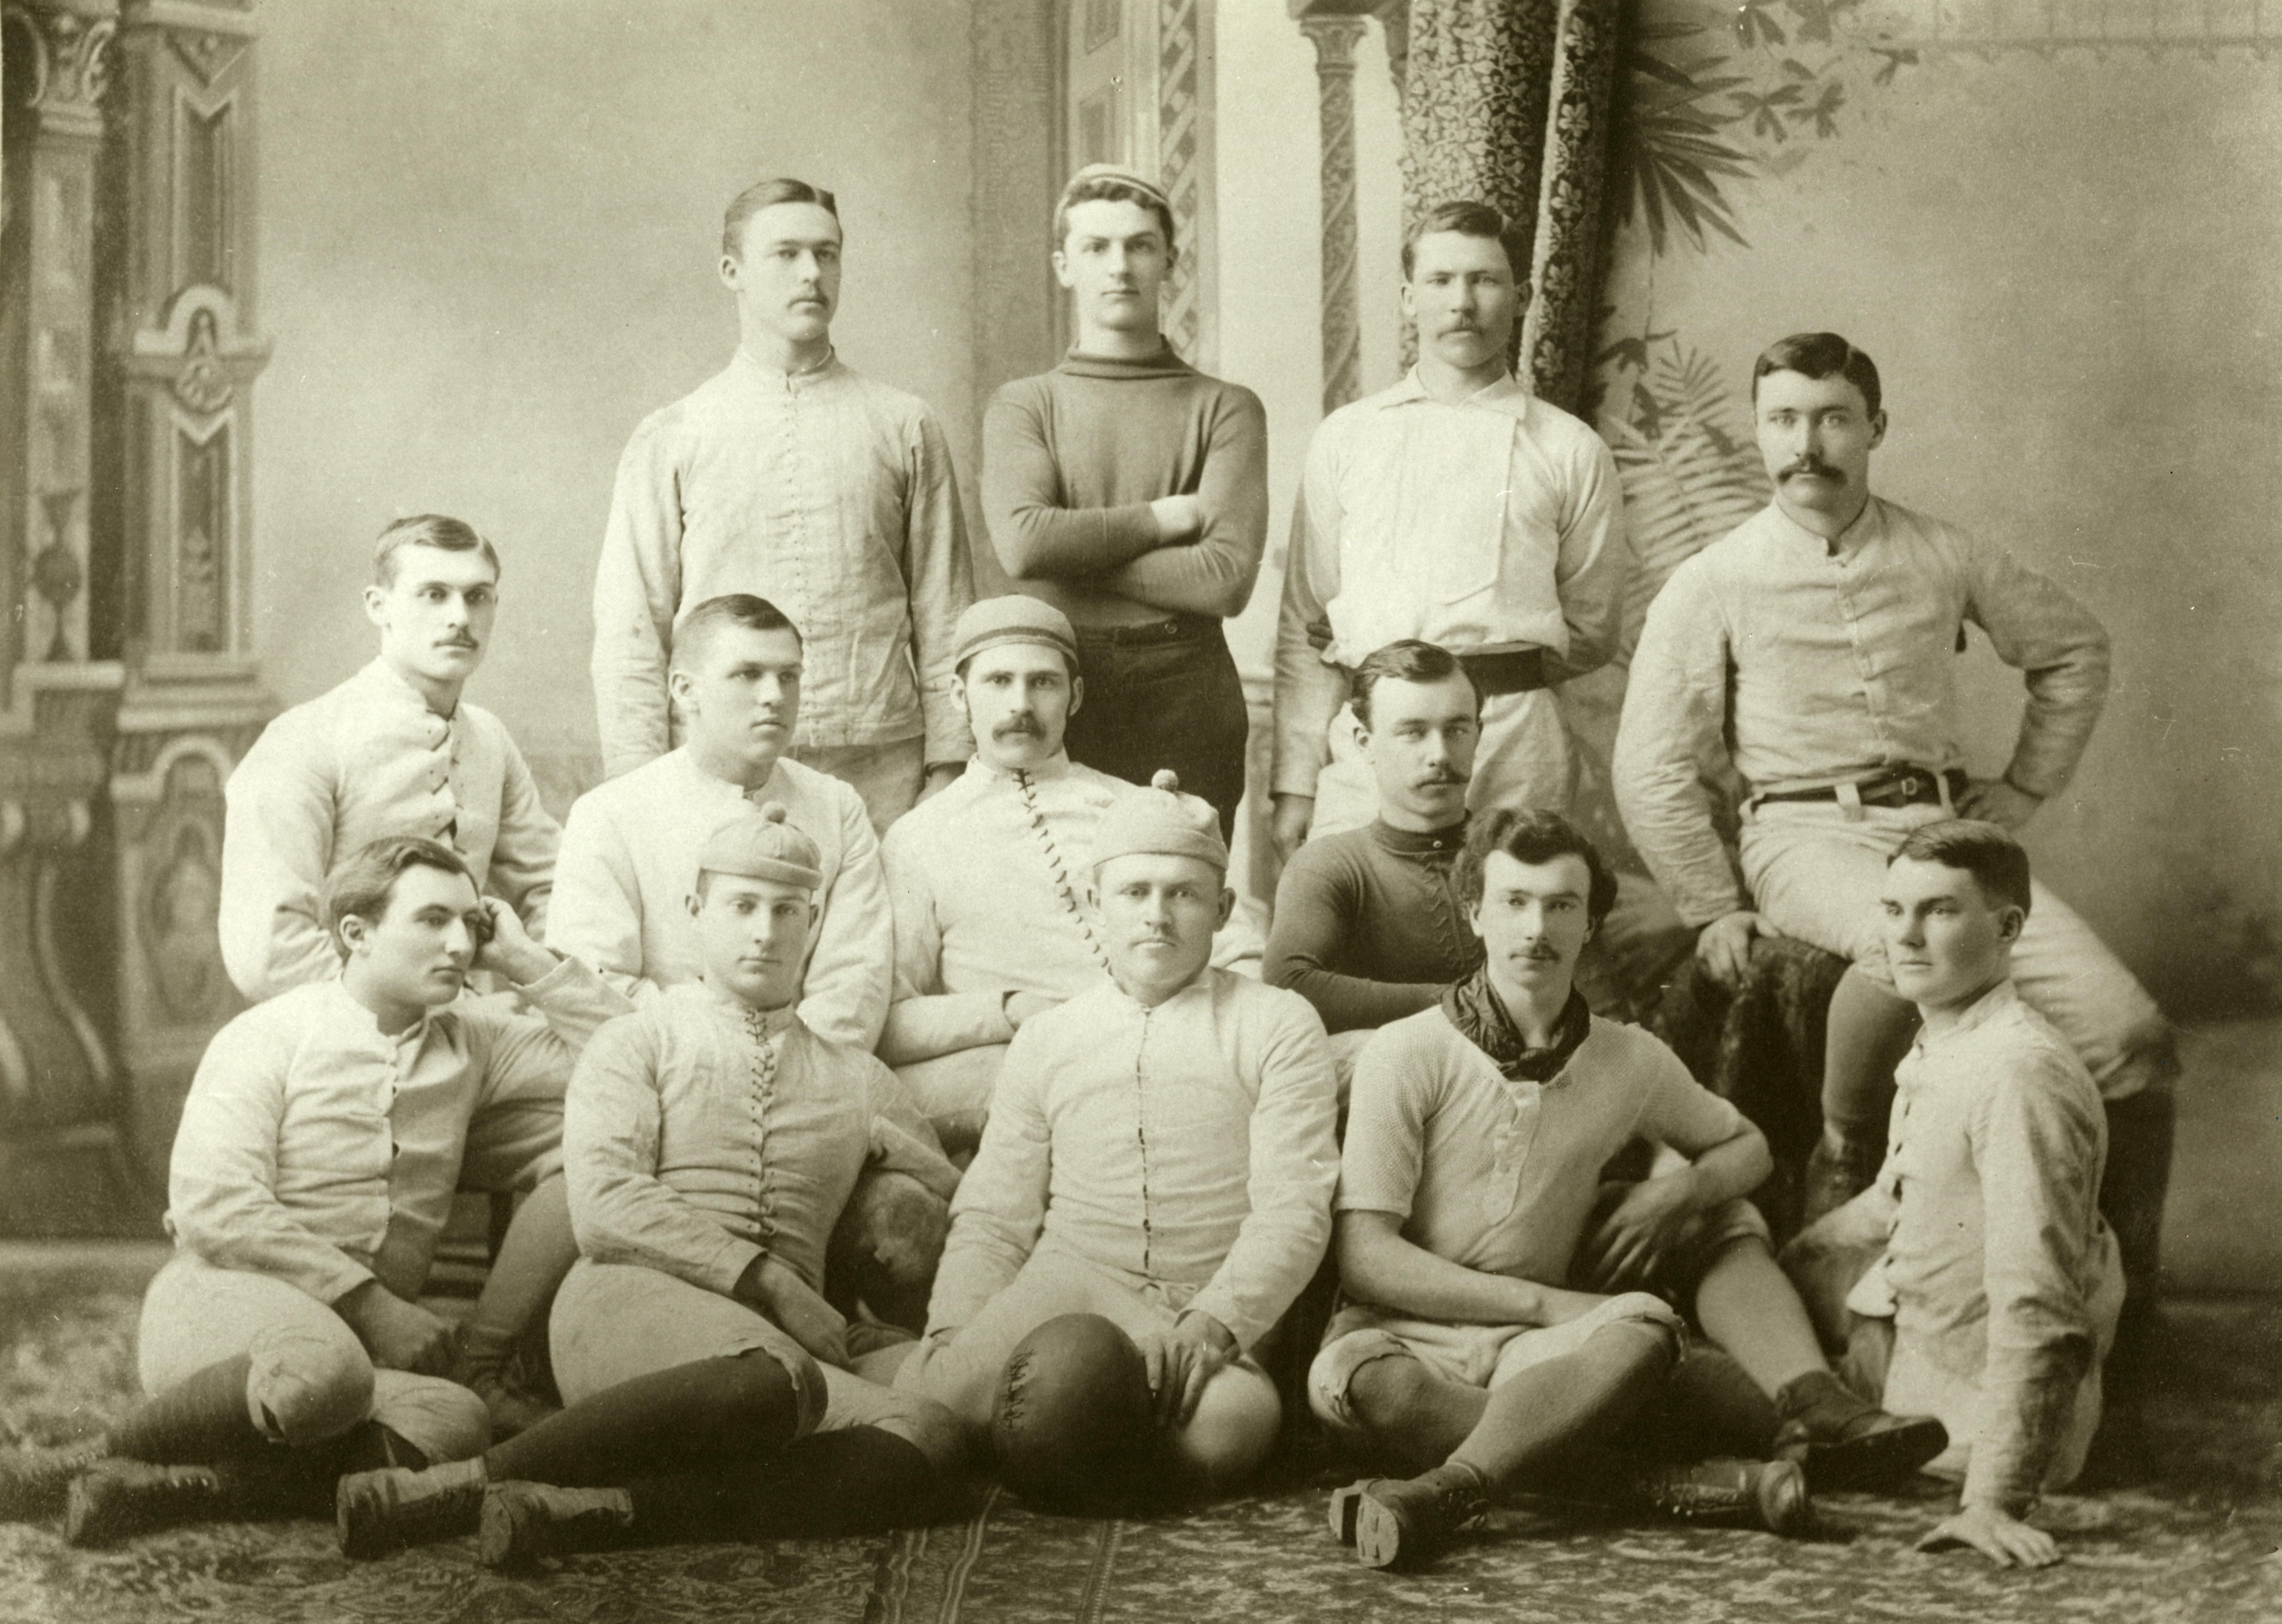 1883 college football season - Wikipedia